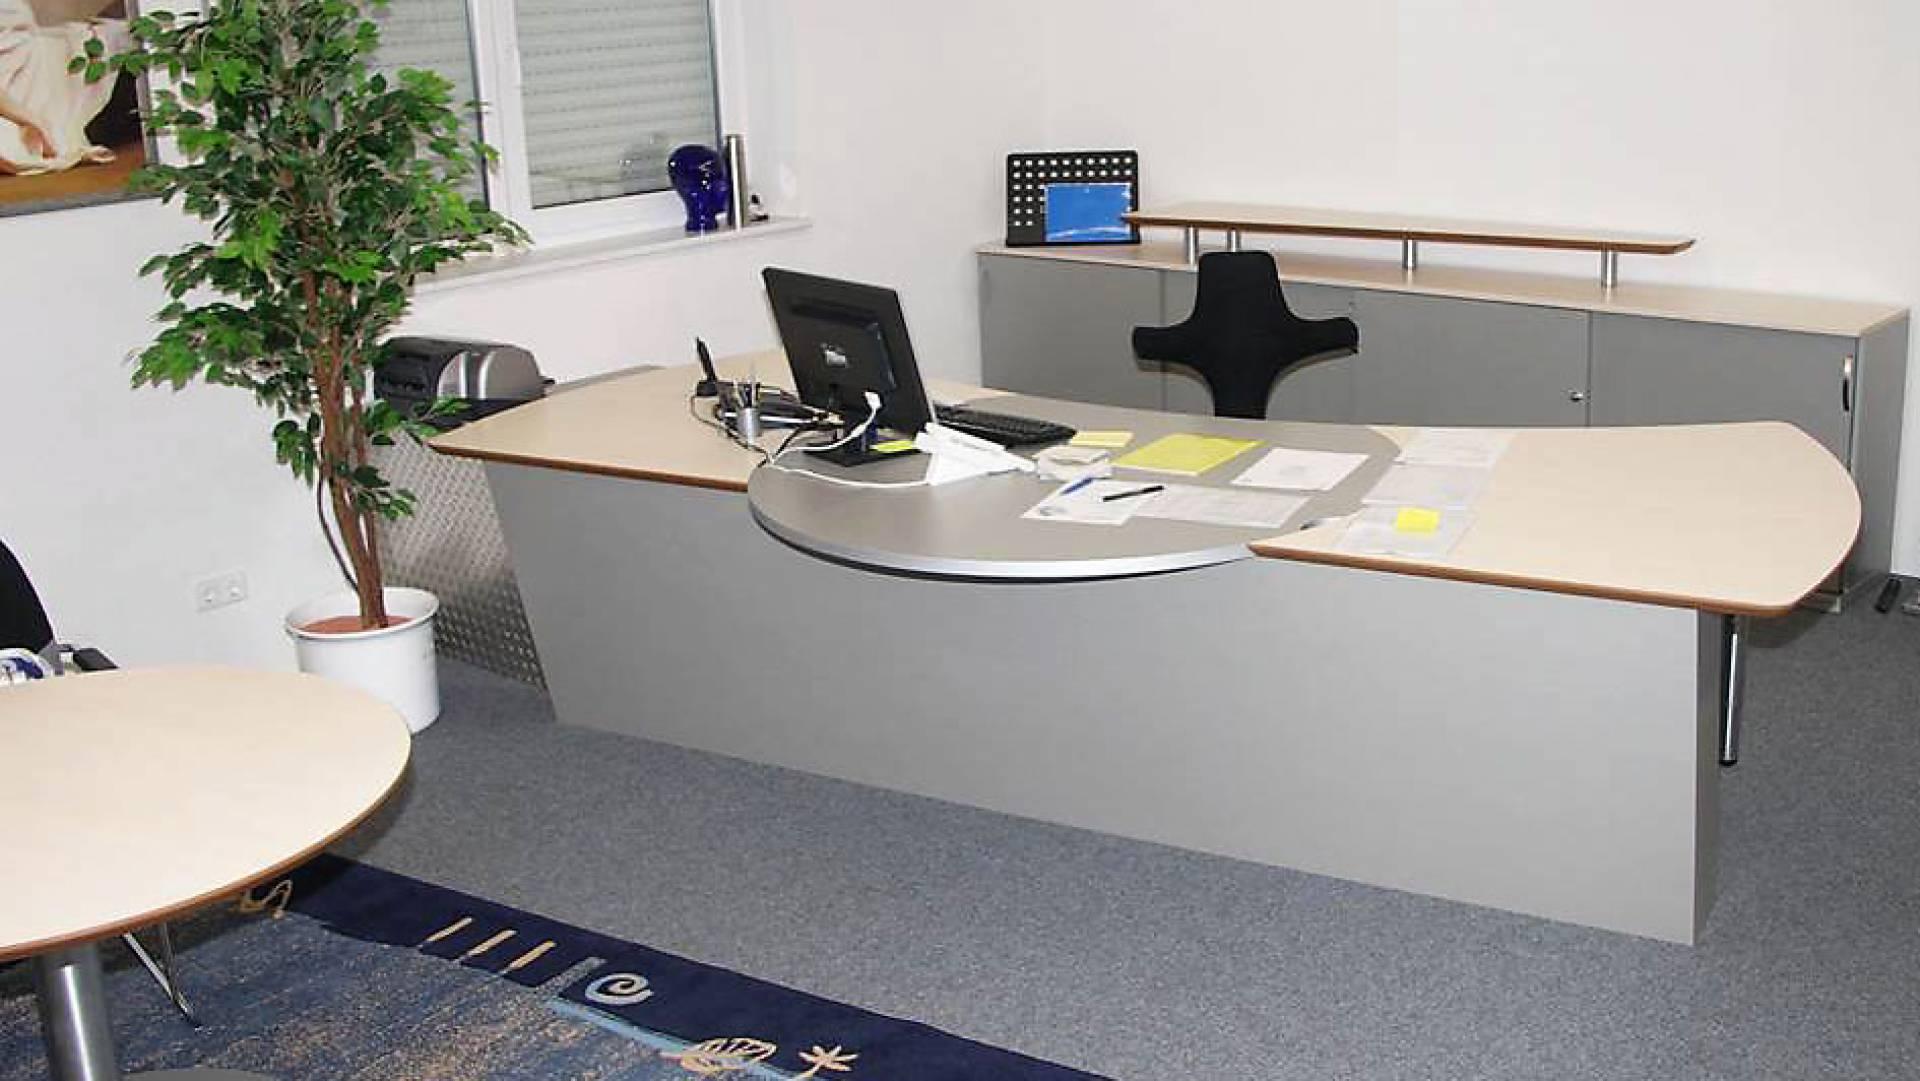 circon executive command - Chefschreibtisch - Designklassiker mit individualistischer Prägung